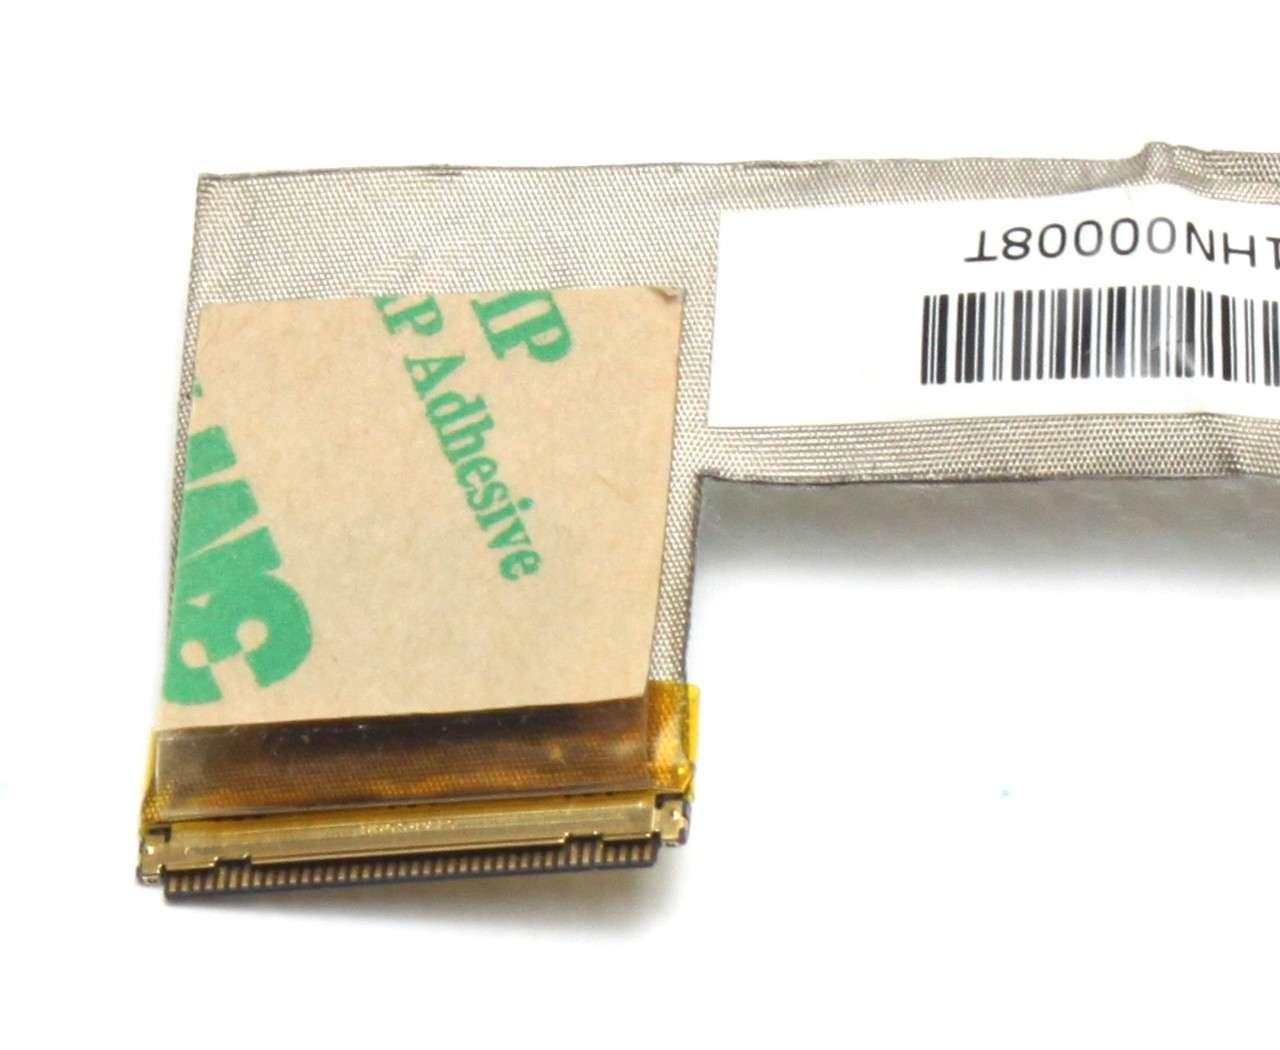 Cablu video LVDS Asus G53 imagine powerlaptop.ro 2021